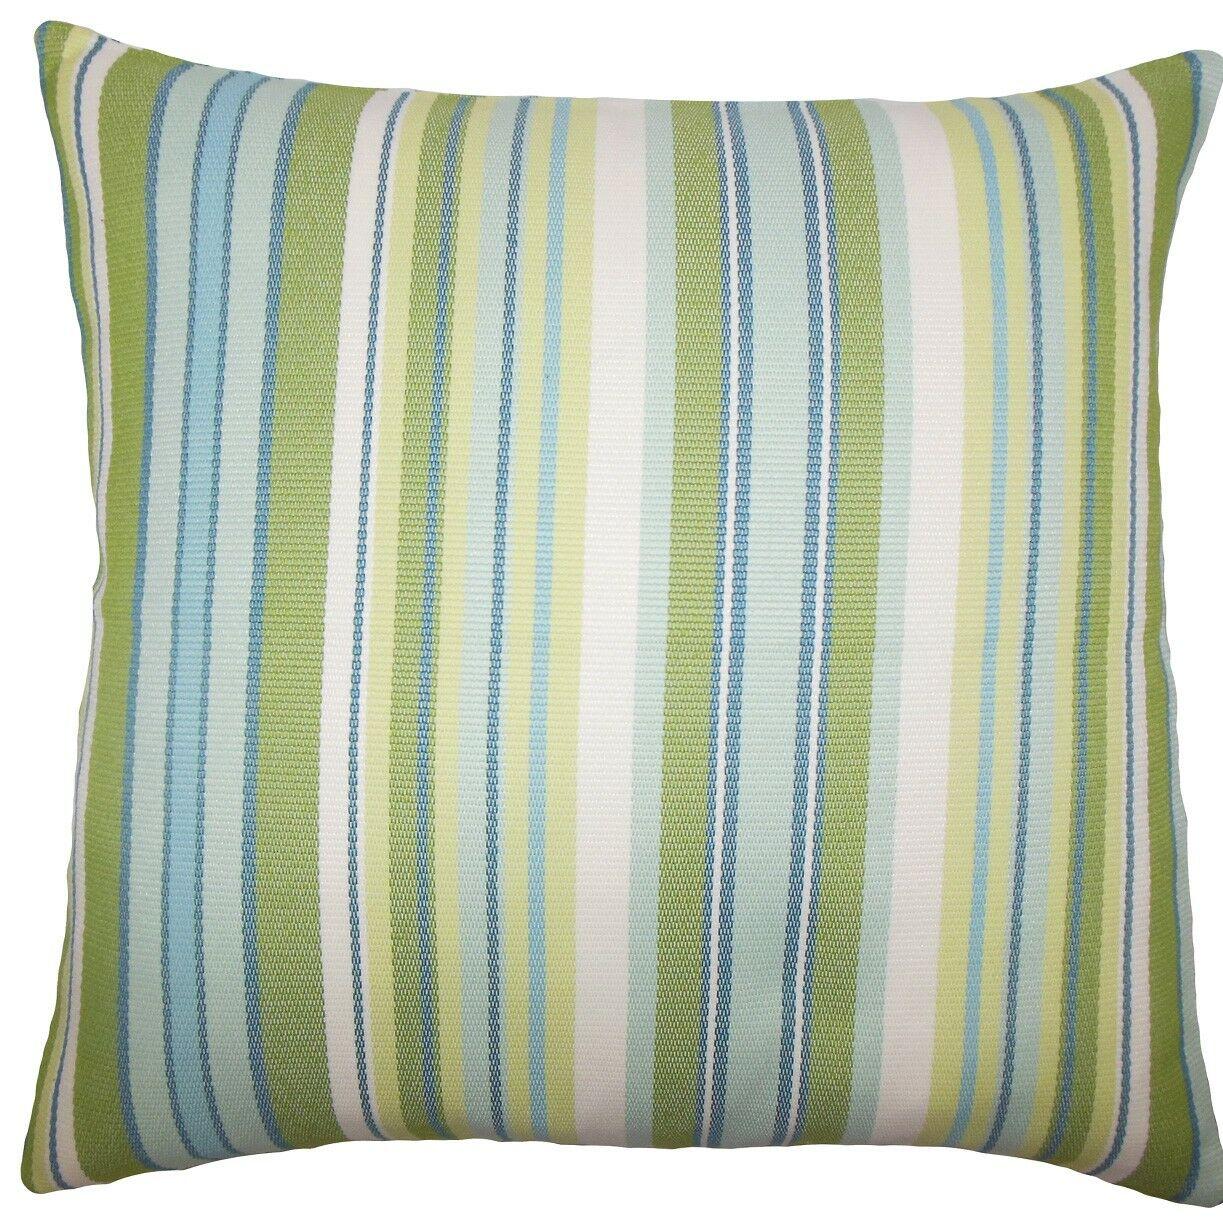 Urbaine Striped Burlap Throw Pillow Size: 20